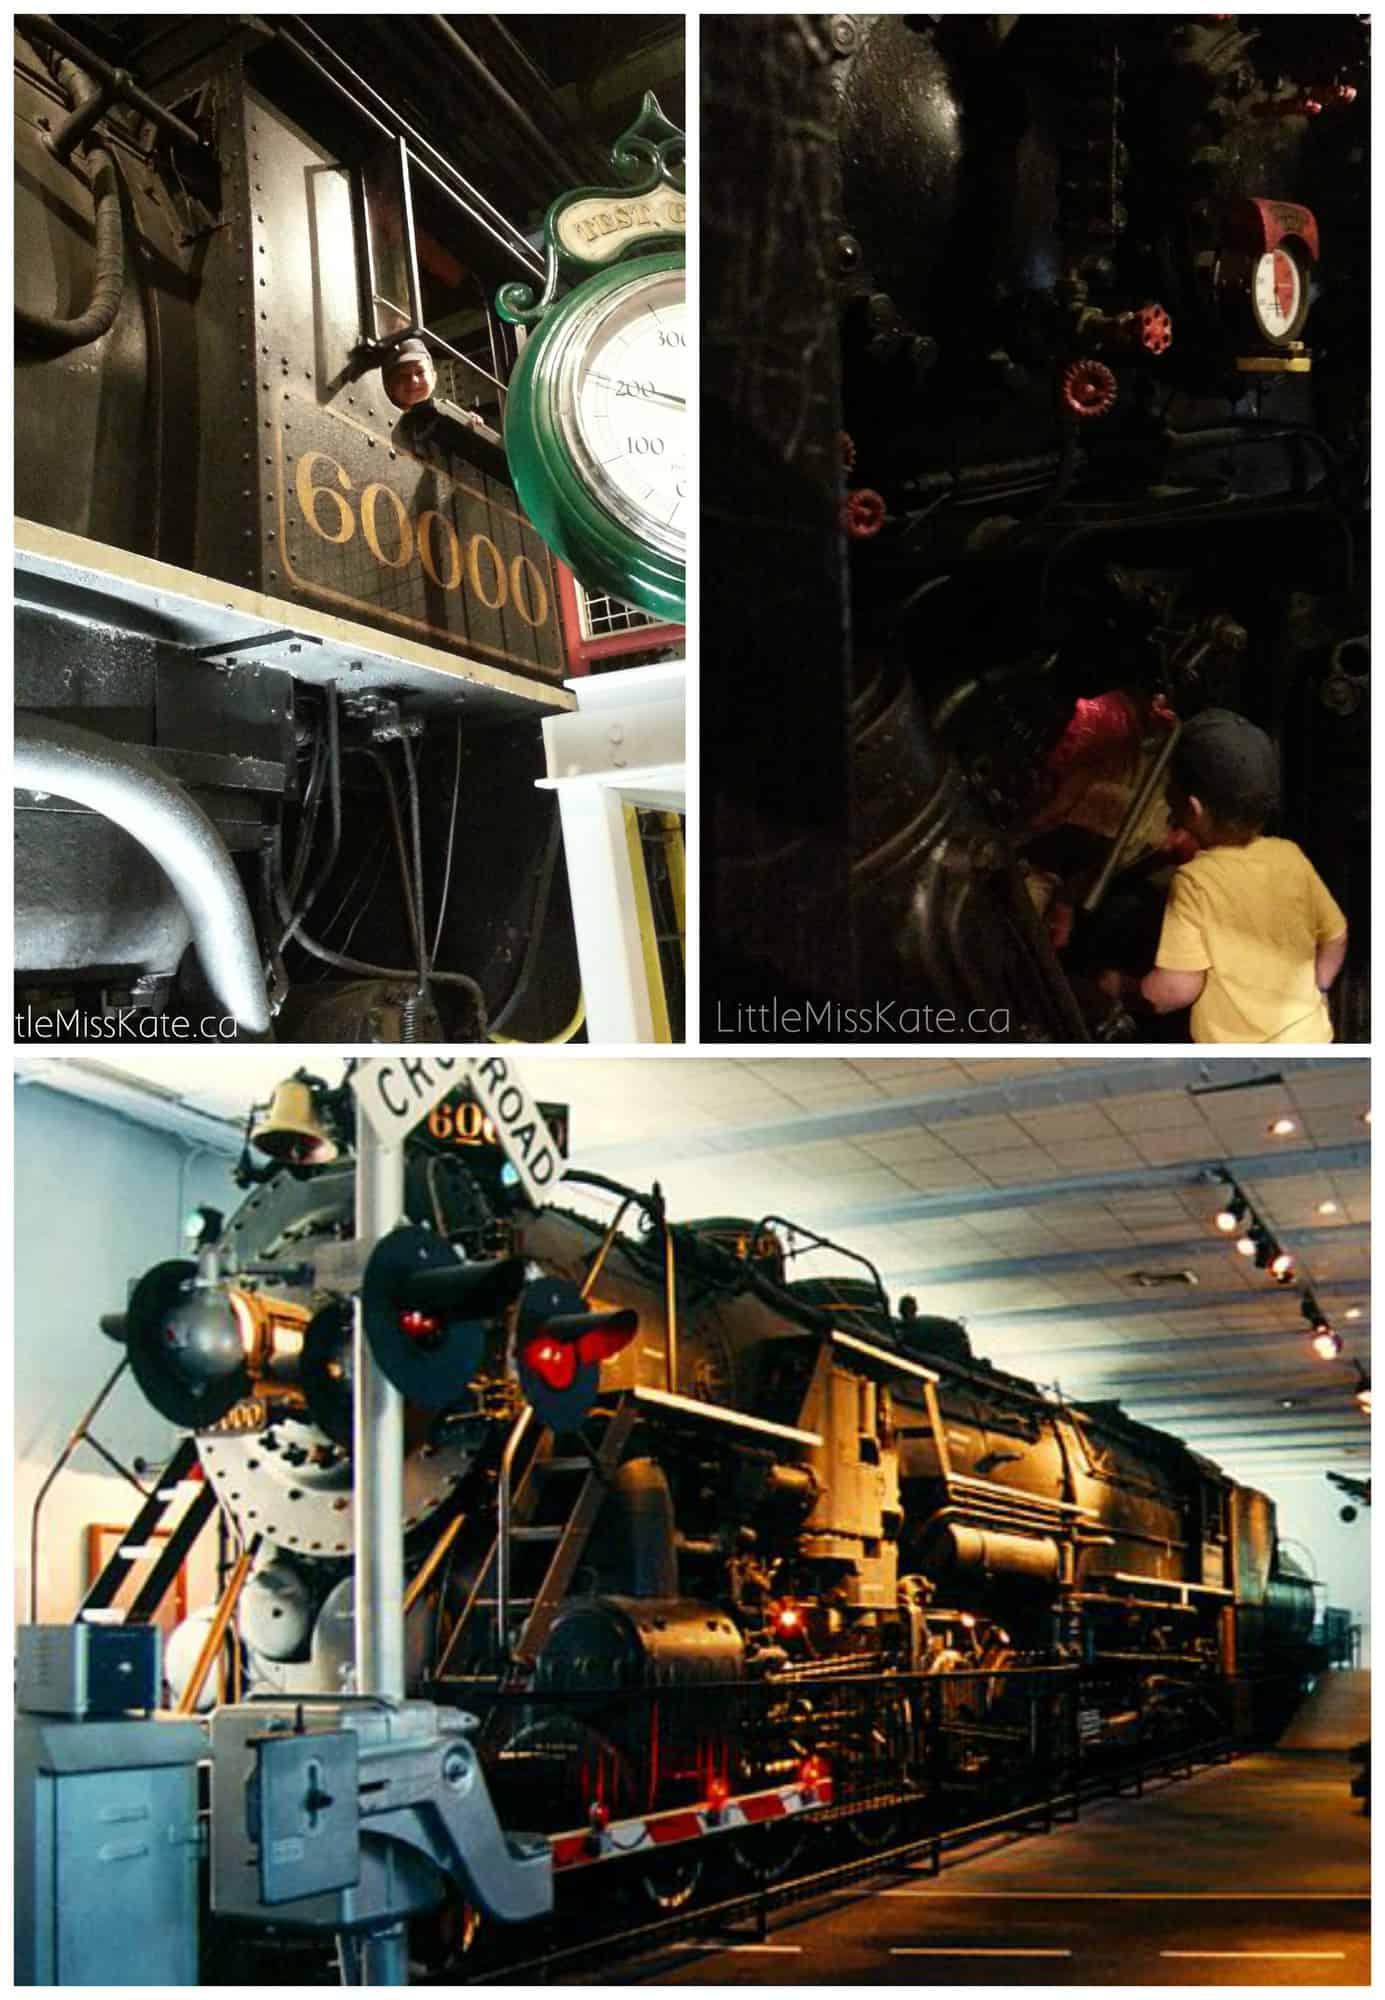 The Franklin Institute train